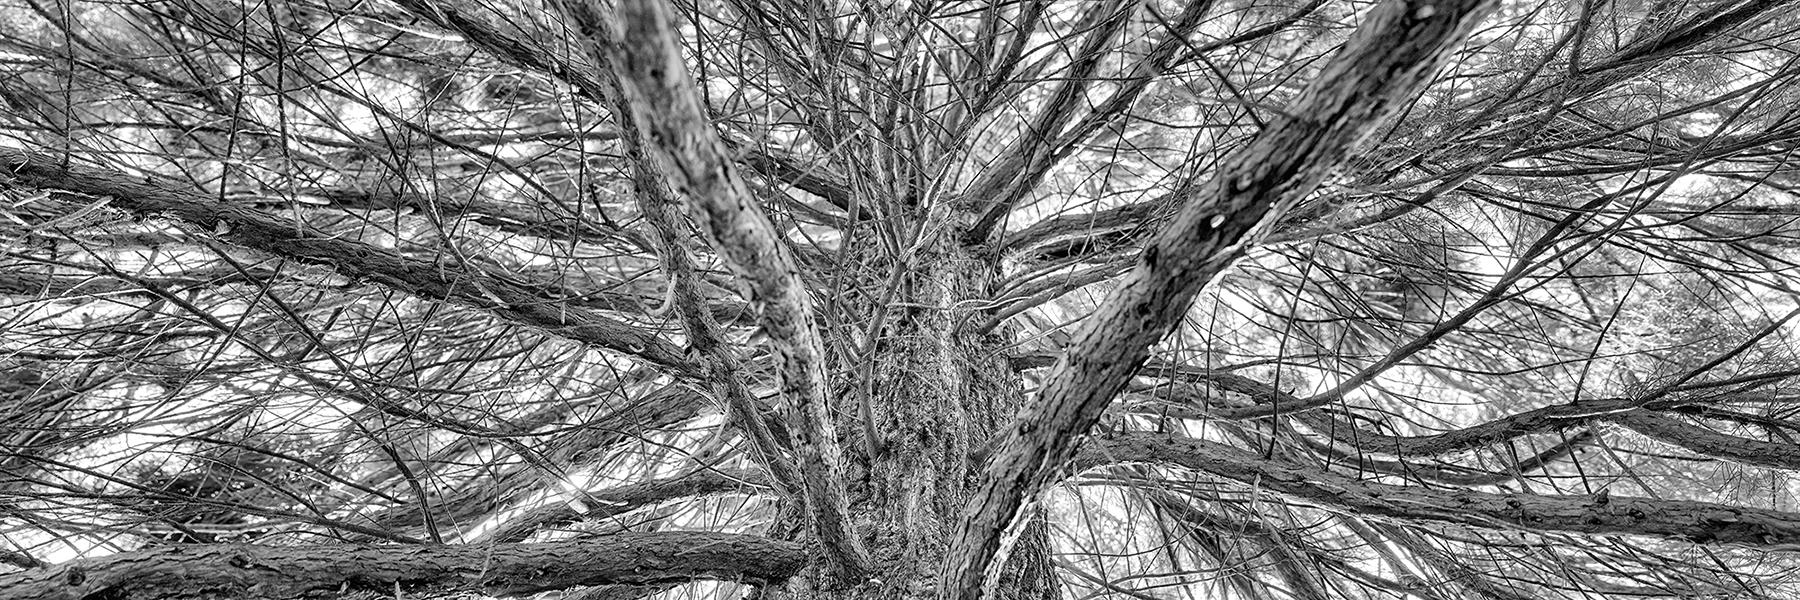 Jochen_Brillowski_Trees_TreeIII_3.jpg